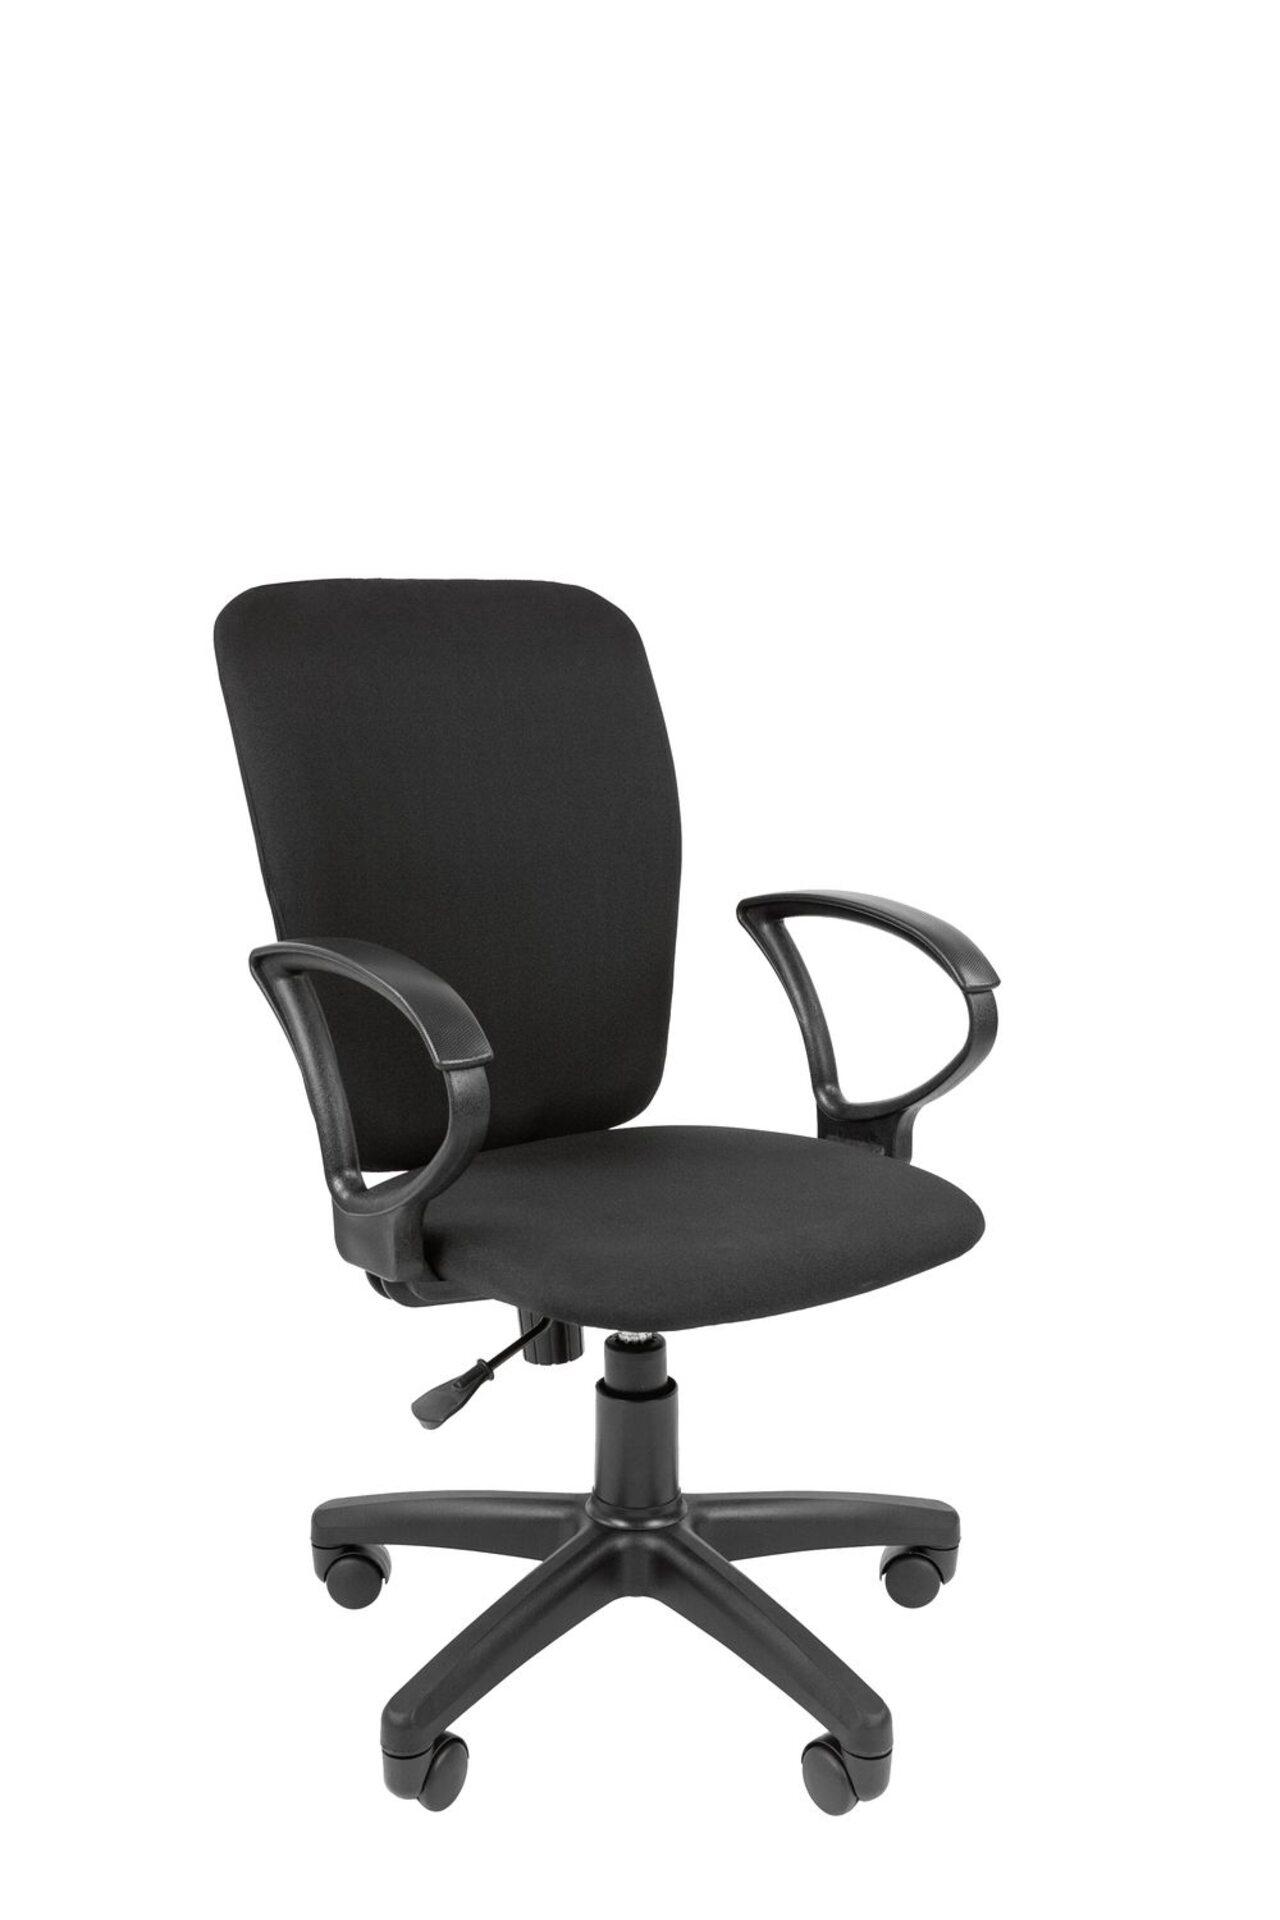 Кресло для персонала Стандарт СТ-98 - фото 1